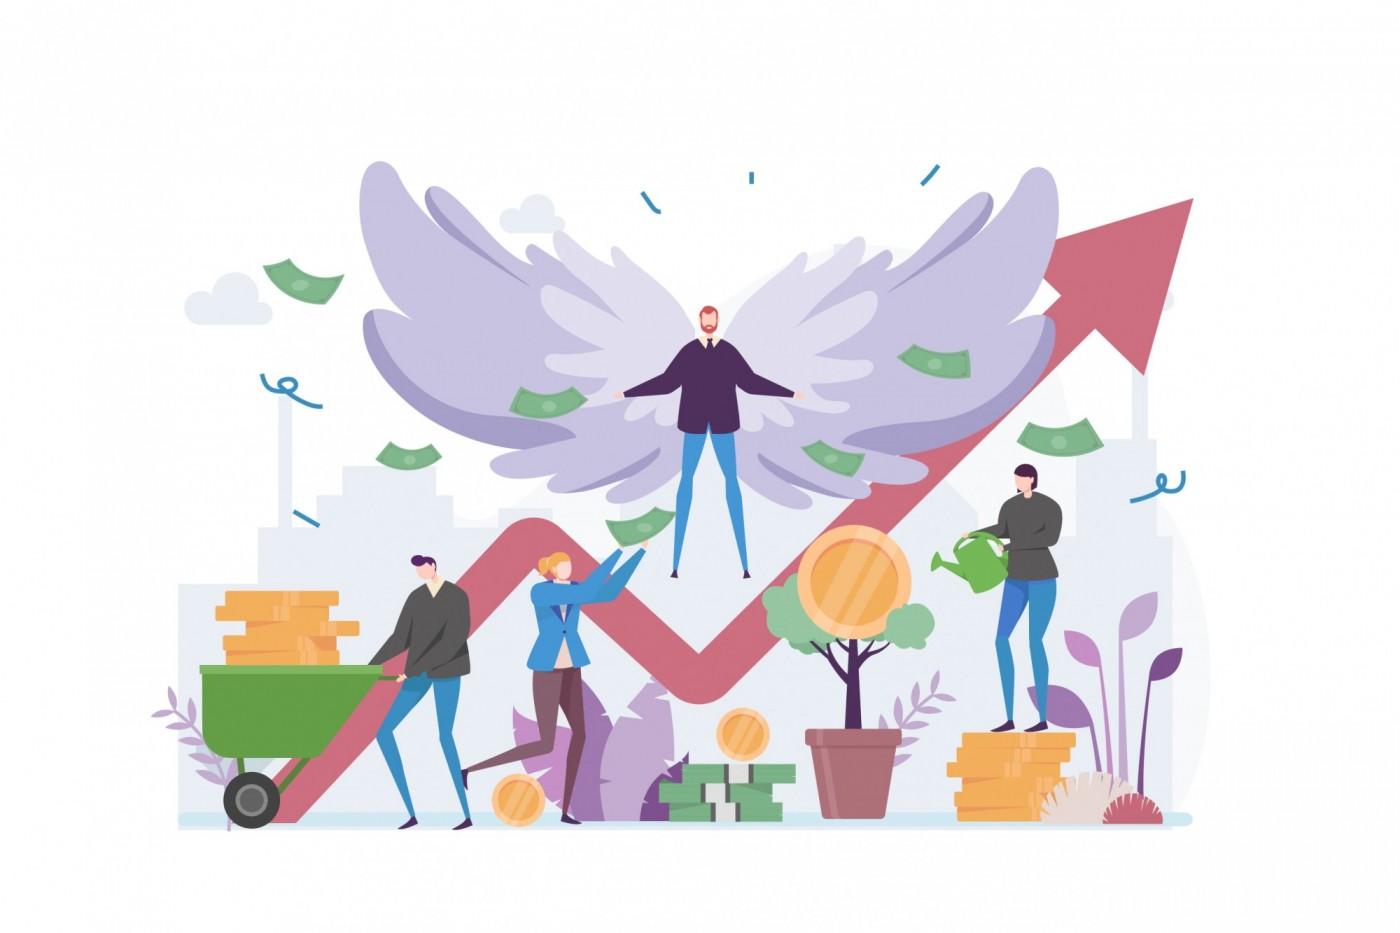 新創募資在什麼階段?跟著矽谷最強「天使」,認識投資人眼中的注資輪